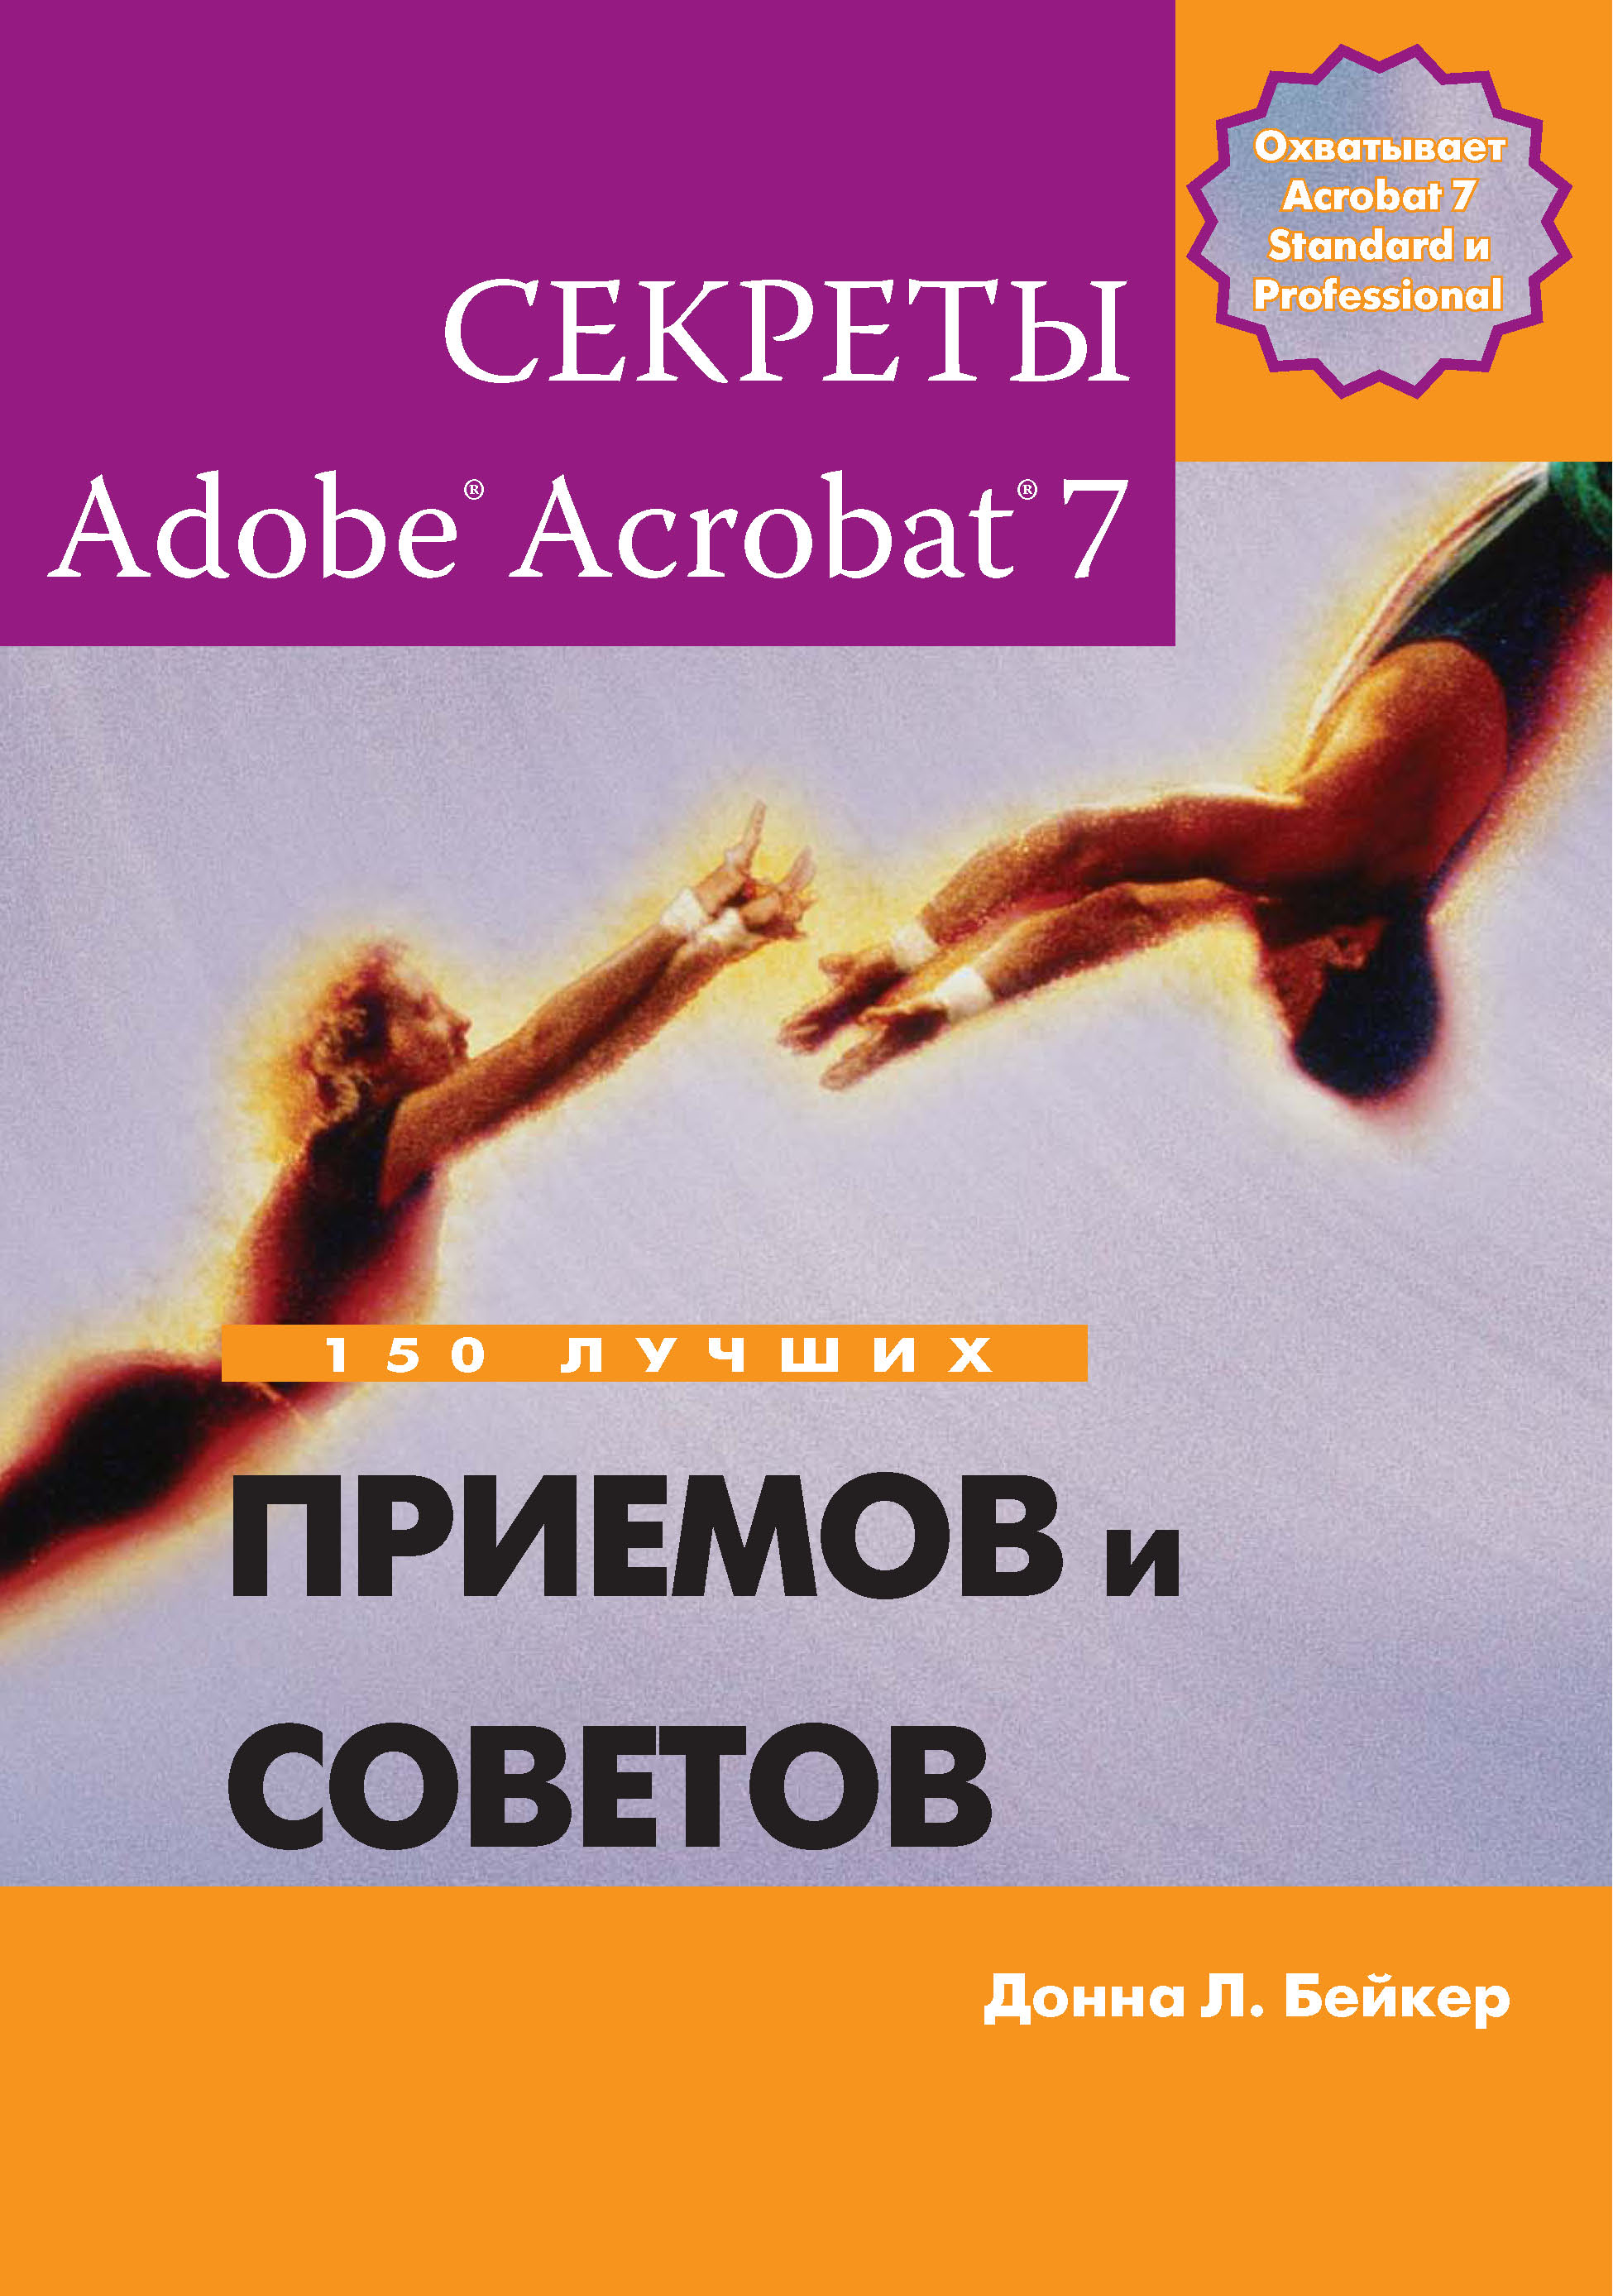 Секреты Adobe Acrobat 7. 150 лучших приемов и советов